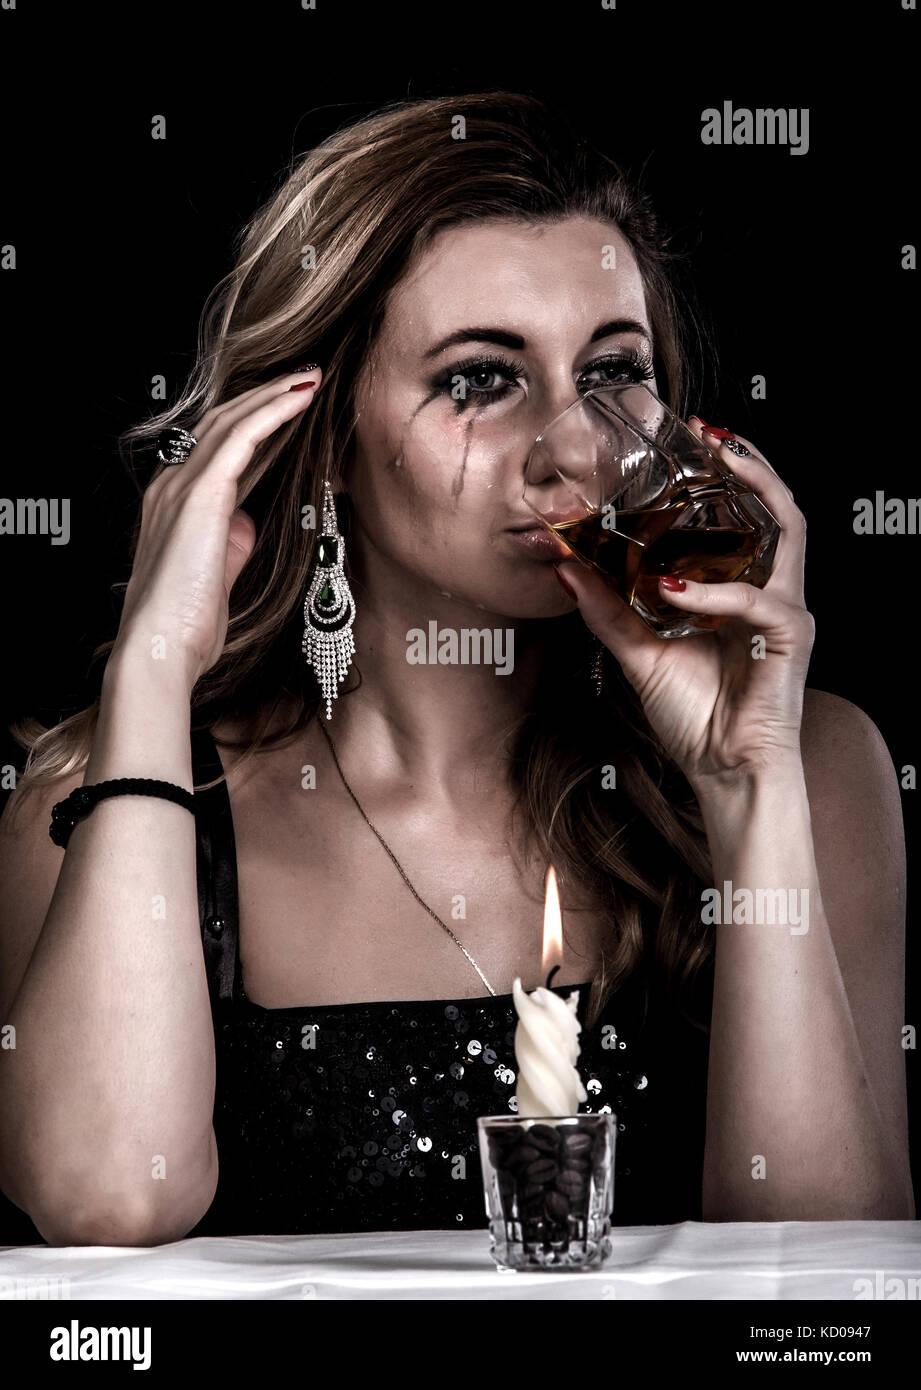 Делать две девки пьют сперму со стакана трубочкой женщина волосатой